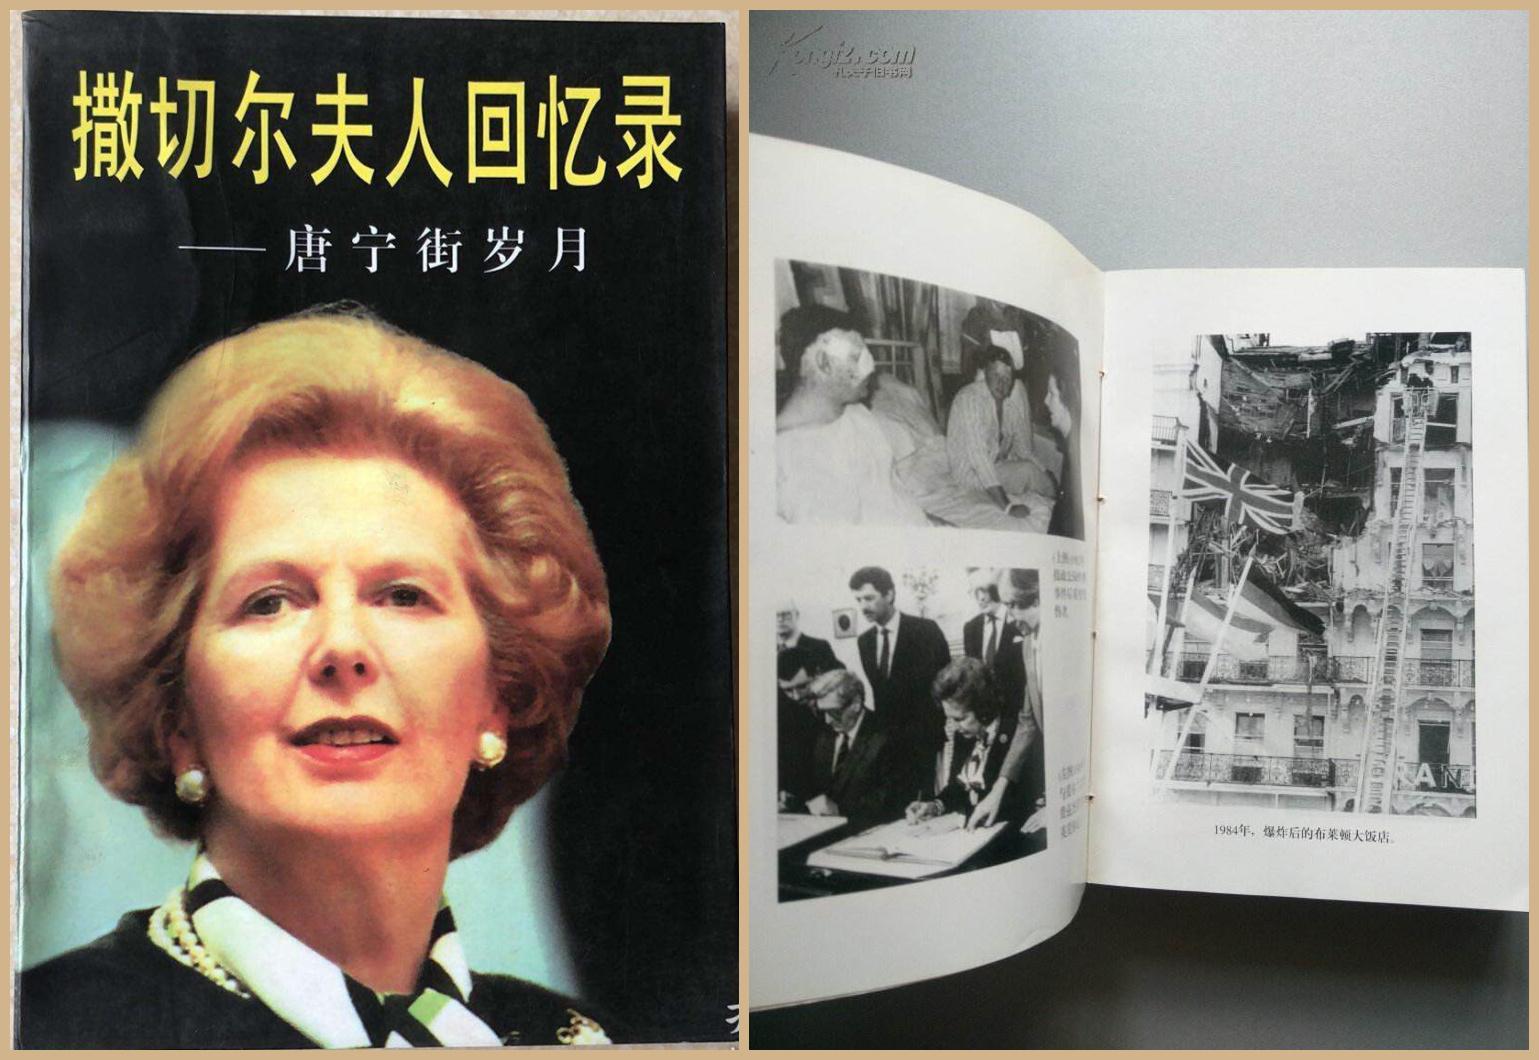 撒切尔夫人的回忆录《唐宁街岁月》2_副本.jpg